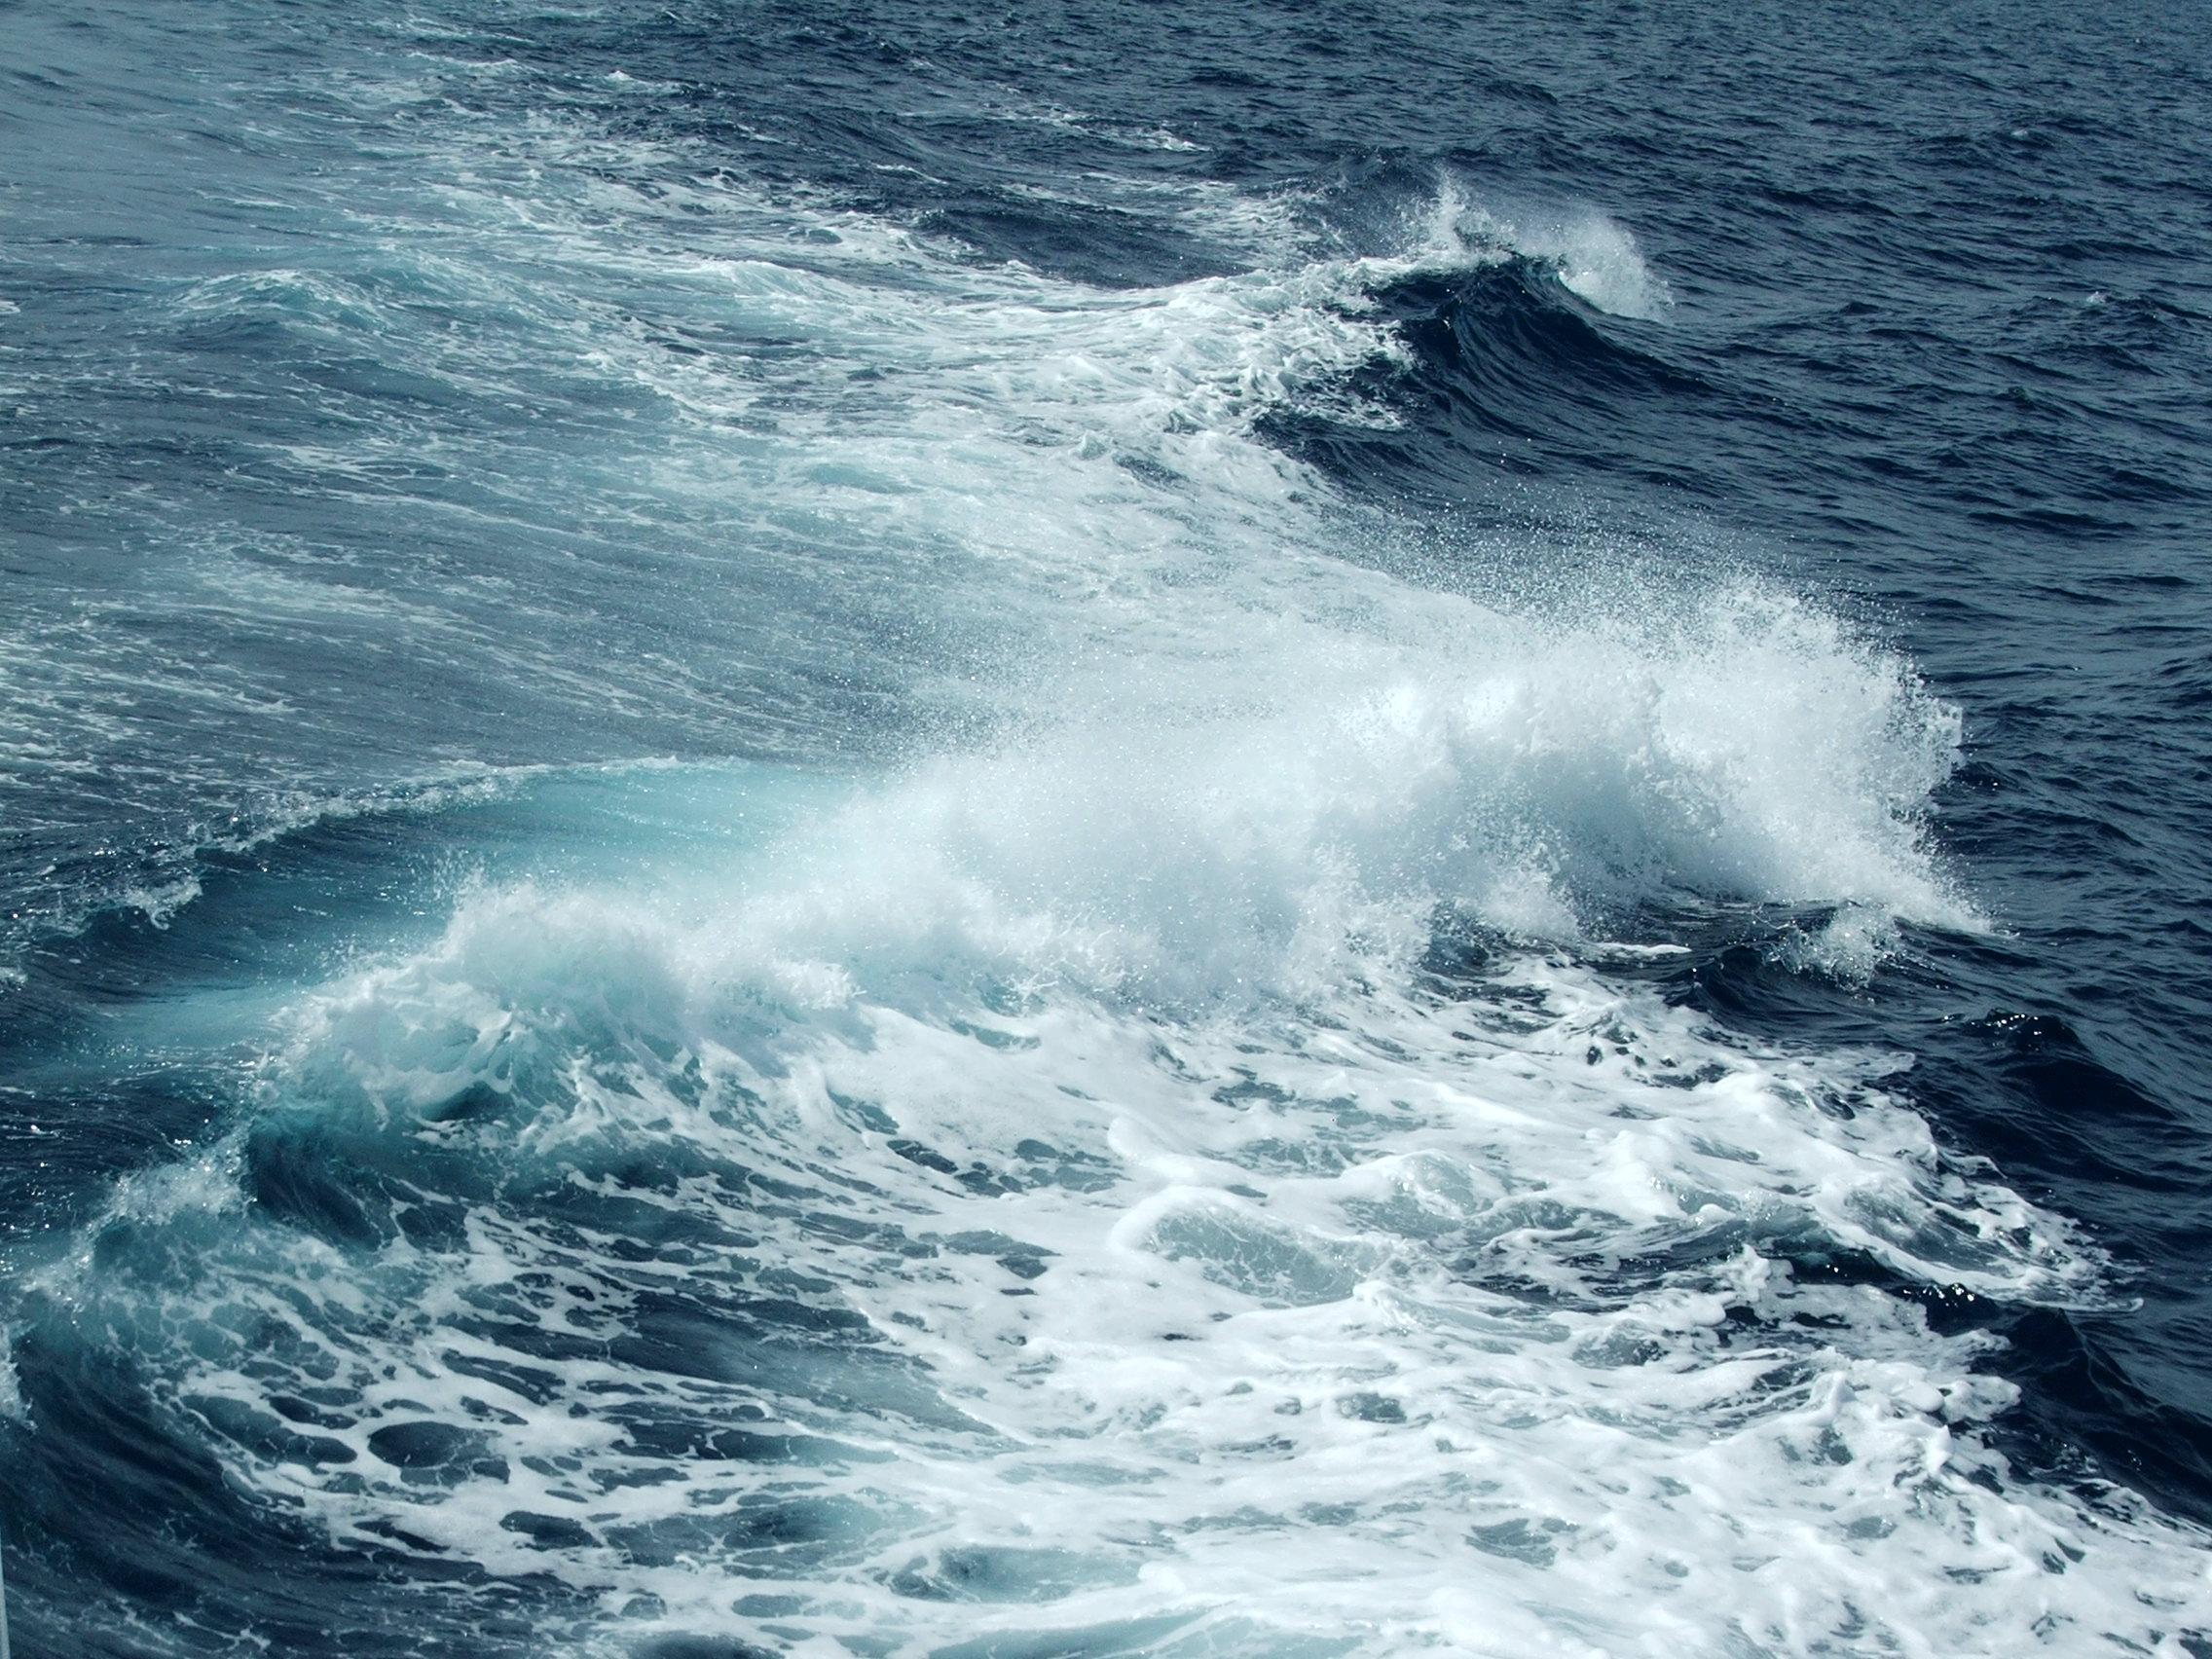 Гармония морской волны. Блиц: брызги